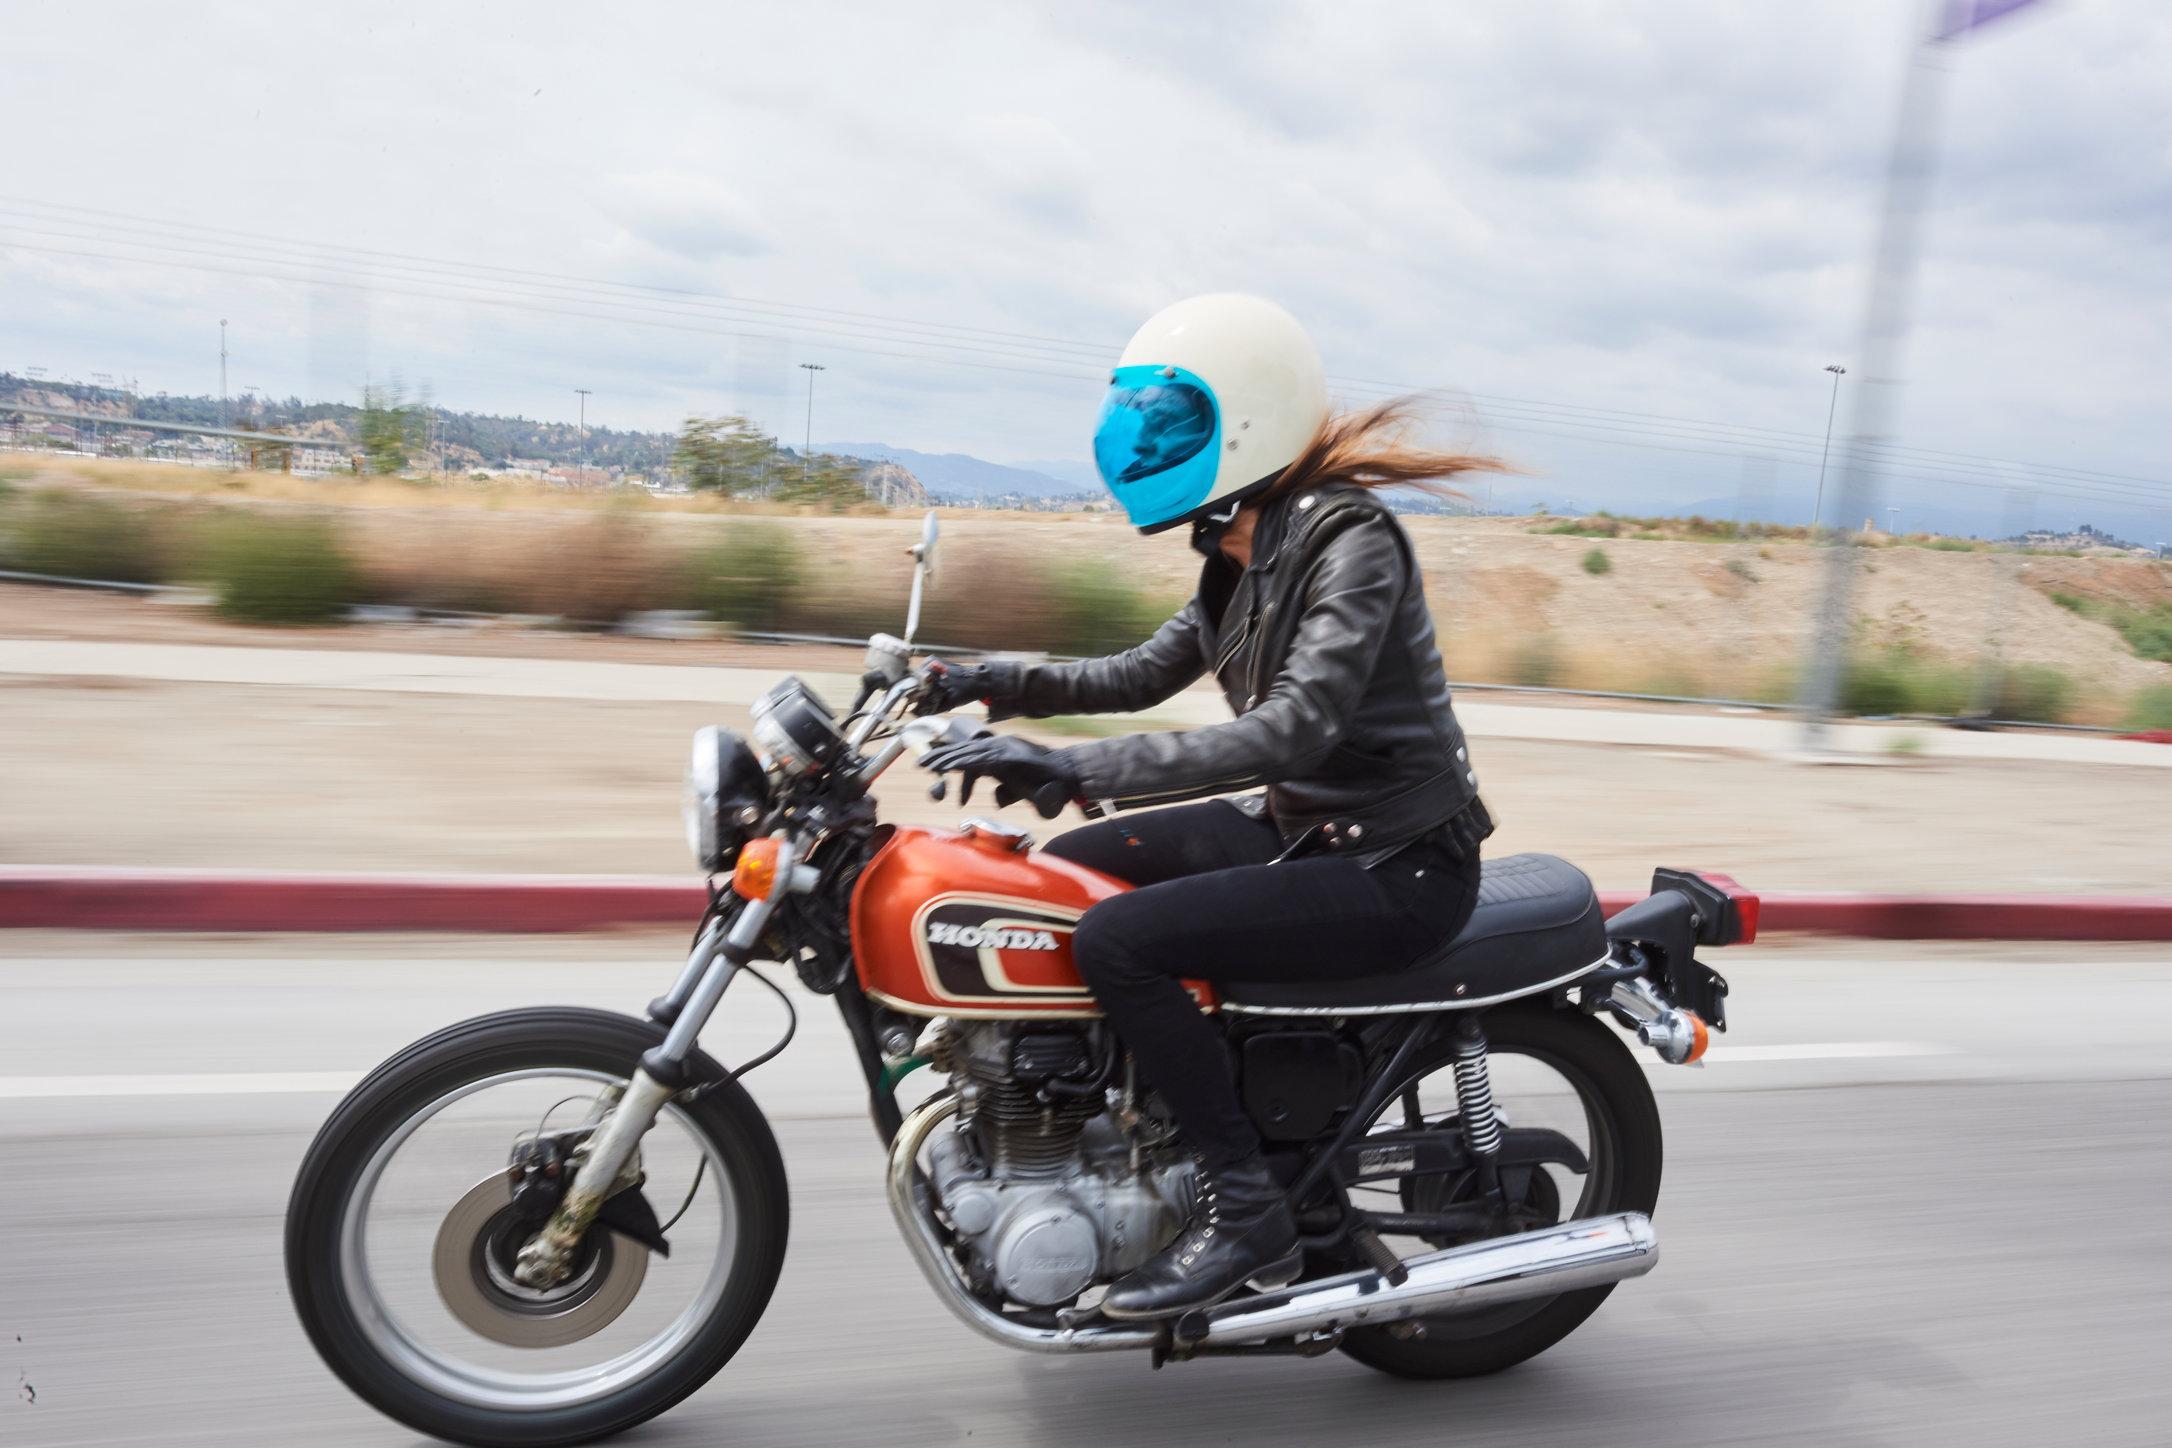 Motorcycle_BONUS_6071.jpg